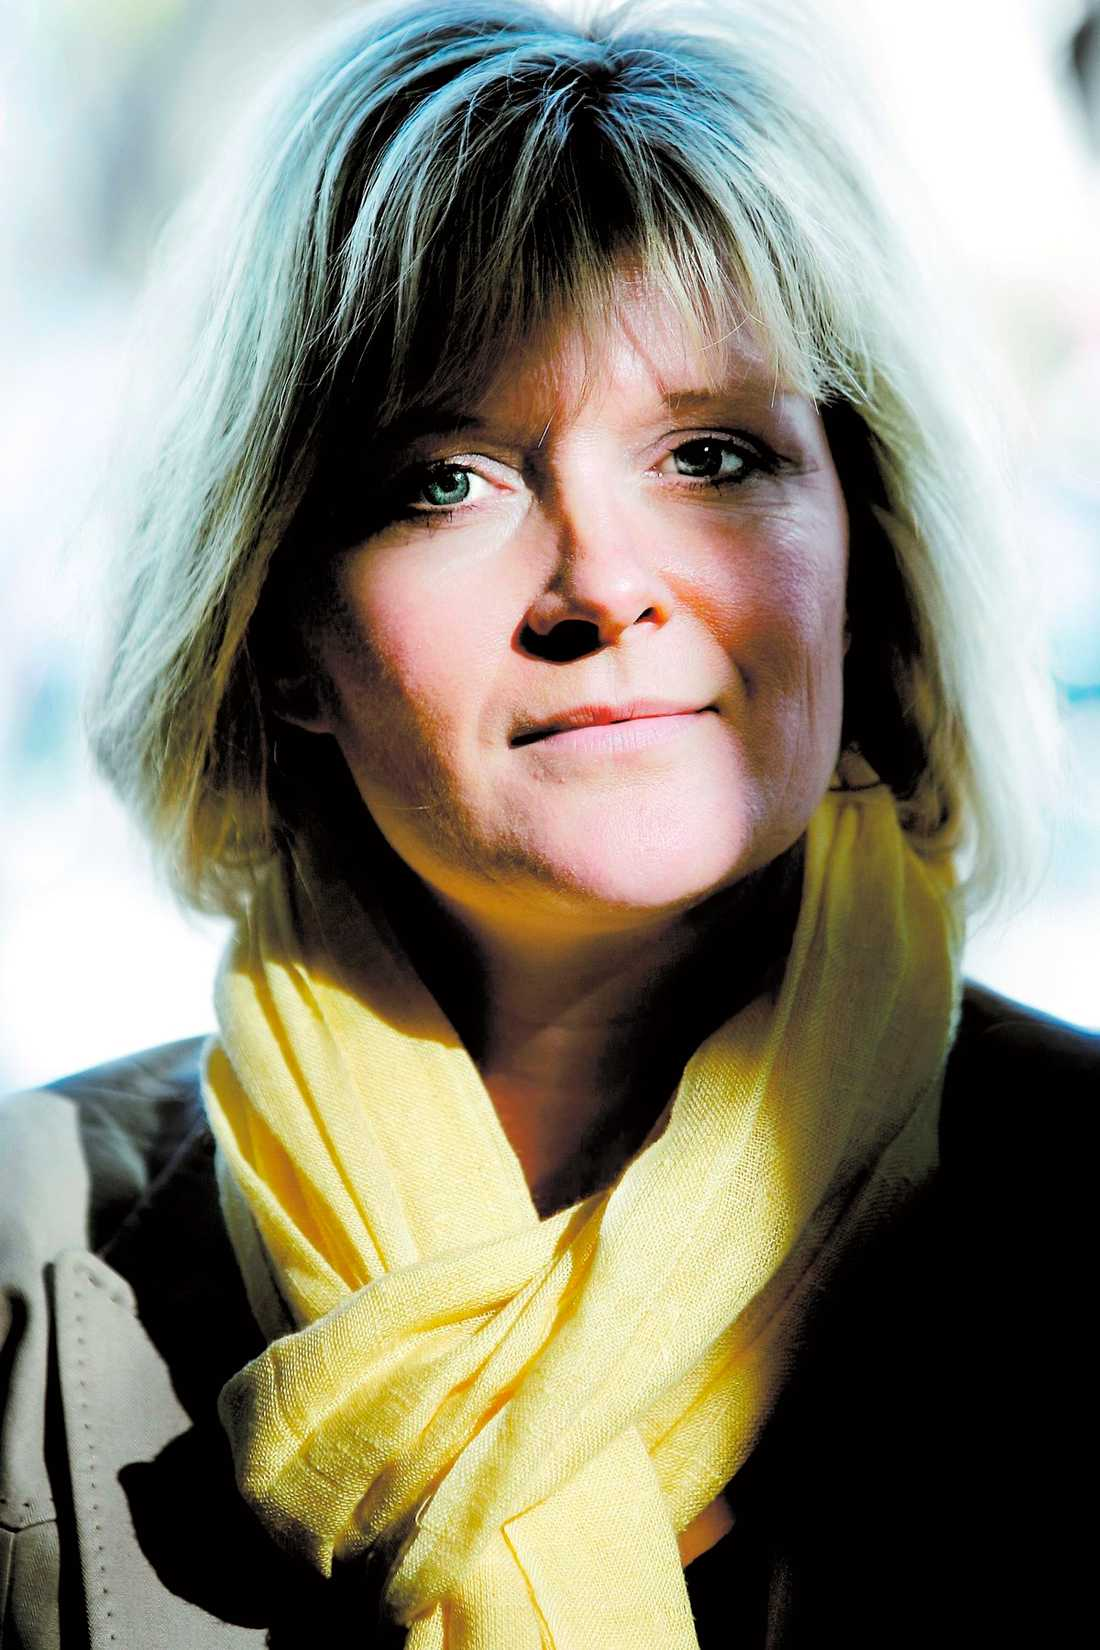 Påverkades starkt Ulrica Messing berättar att politiken inte var lika rolig, inte lika lustfylld efter mordet på Anna Lindh.